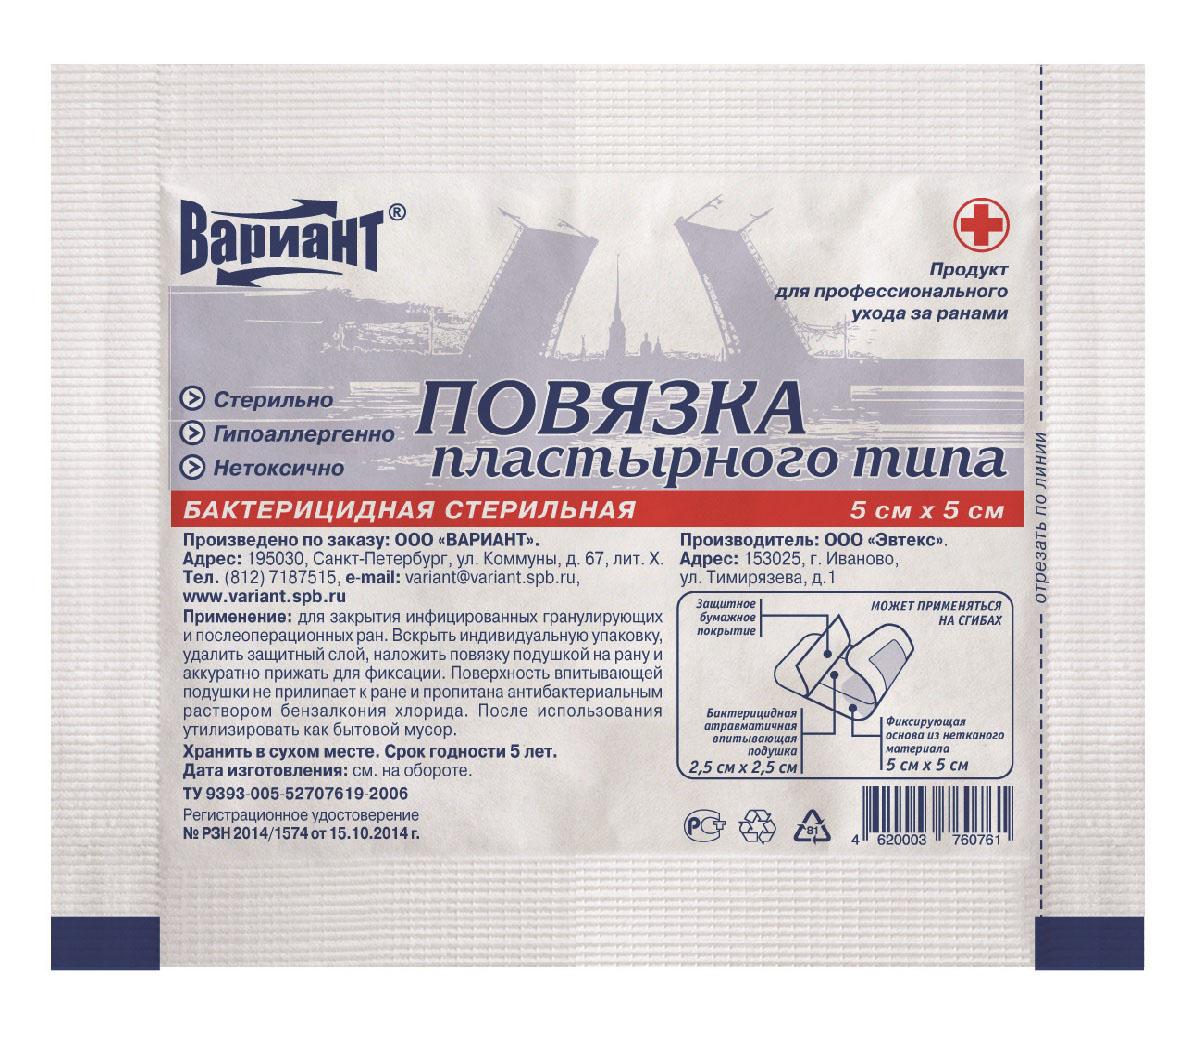 Вариант Повязка бактерицидная пластырного типа, стерильная, 5 х 5 смHS730EU-001Фиксирующая основа из нетканого полотна с гипоаллергенным акриловым клеевым слоем, впитывающая подушка из нетканого материала, пропитанная антибактериальным раствором хлорида бензалкония. Применяется при первичной, вторичной, послеоперационной обработке ран (в том числе с нанесением мазевых составов и растворов), оказания первой медицинской помощи при незначительных повреждениях. Для безопасной фиксации катетеров и дренажных трубок, подходит для применения у пациентов, как с нормальной, так и с чувствительной кожей.